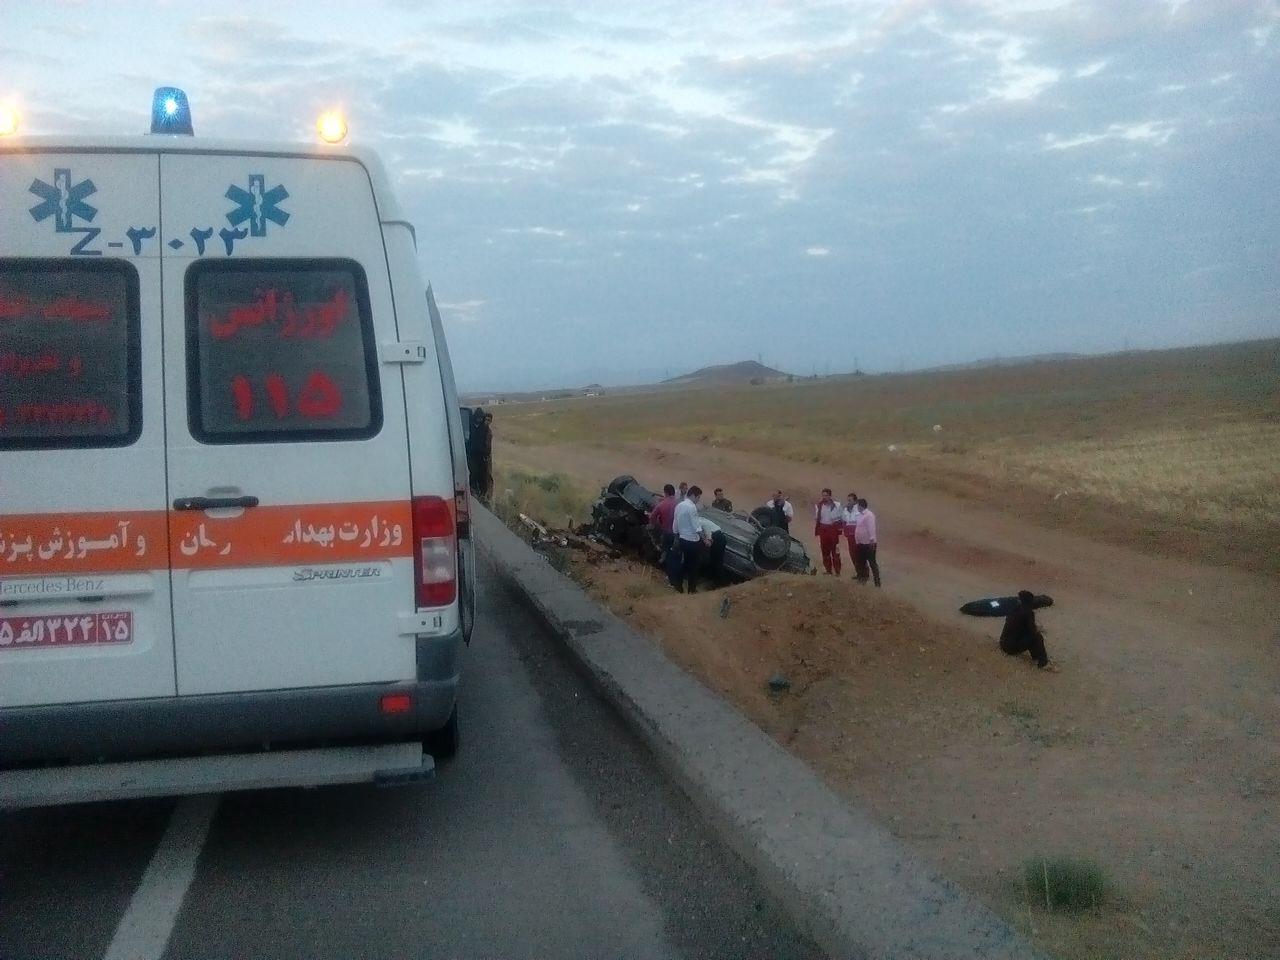 واژگونی پژو۴۰۵ در محور تبریز اهر یک کشته بر جای گذاشت